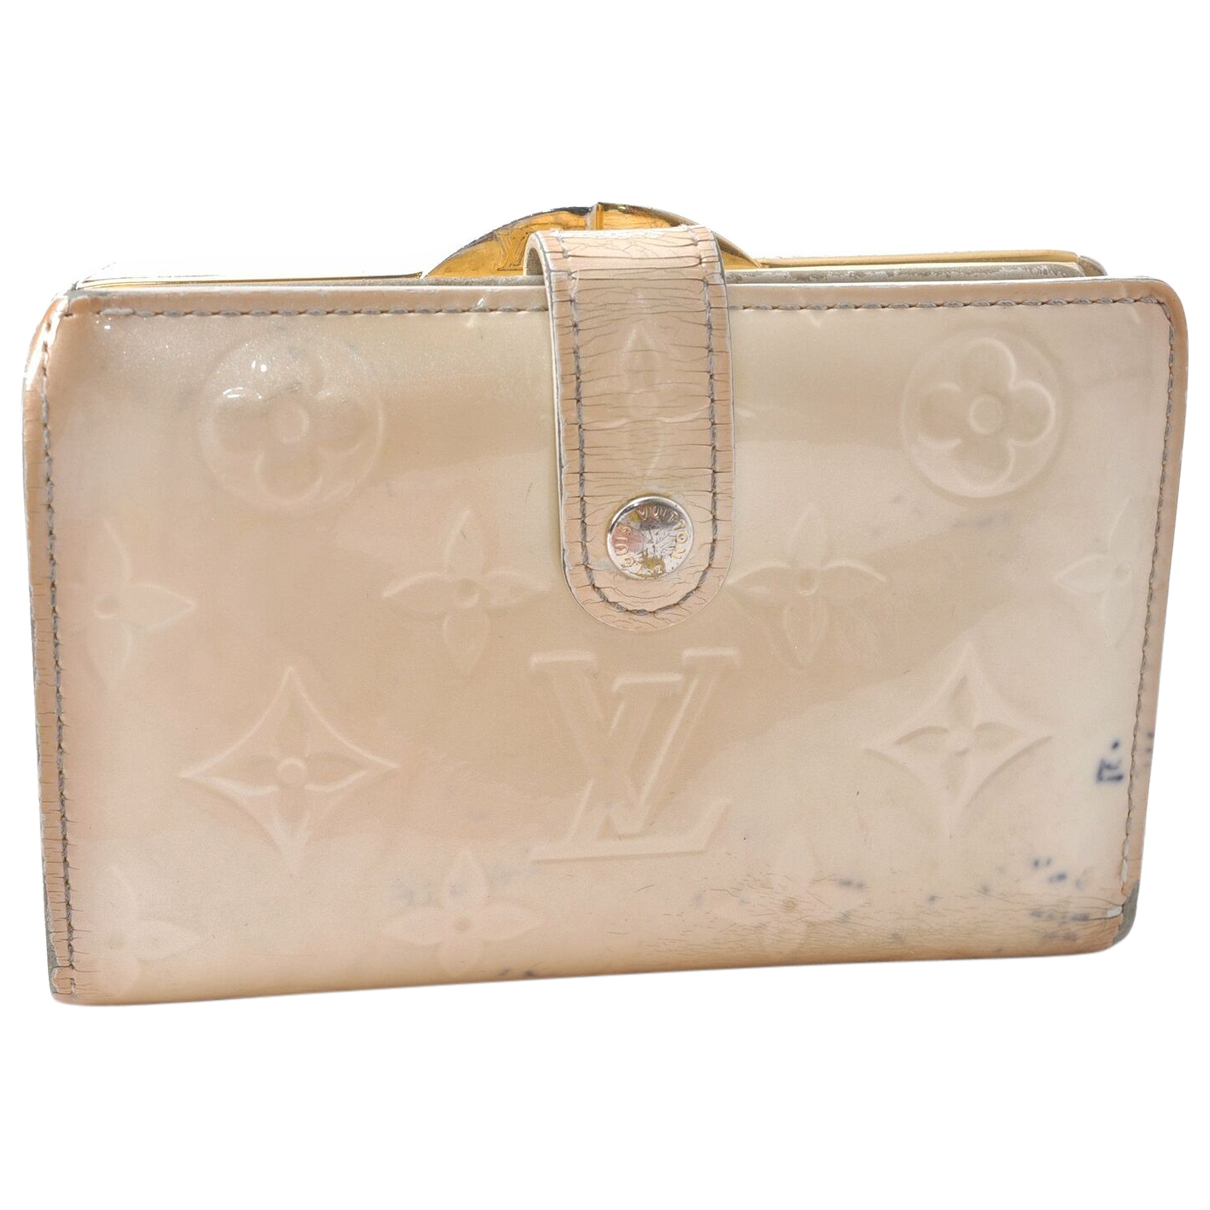 Louis Vuitton - Portefeuille   pour femme en cuir verni - beige